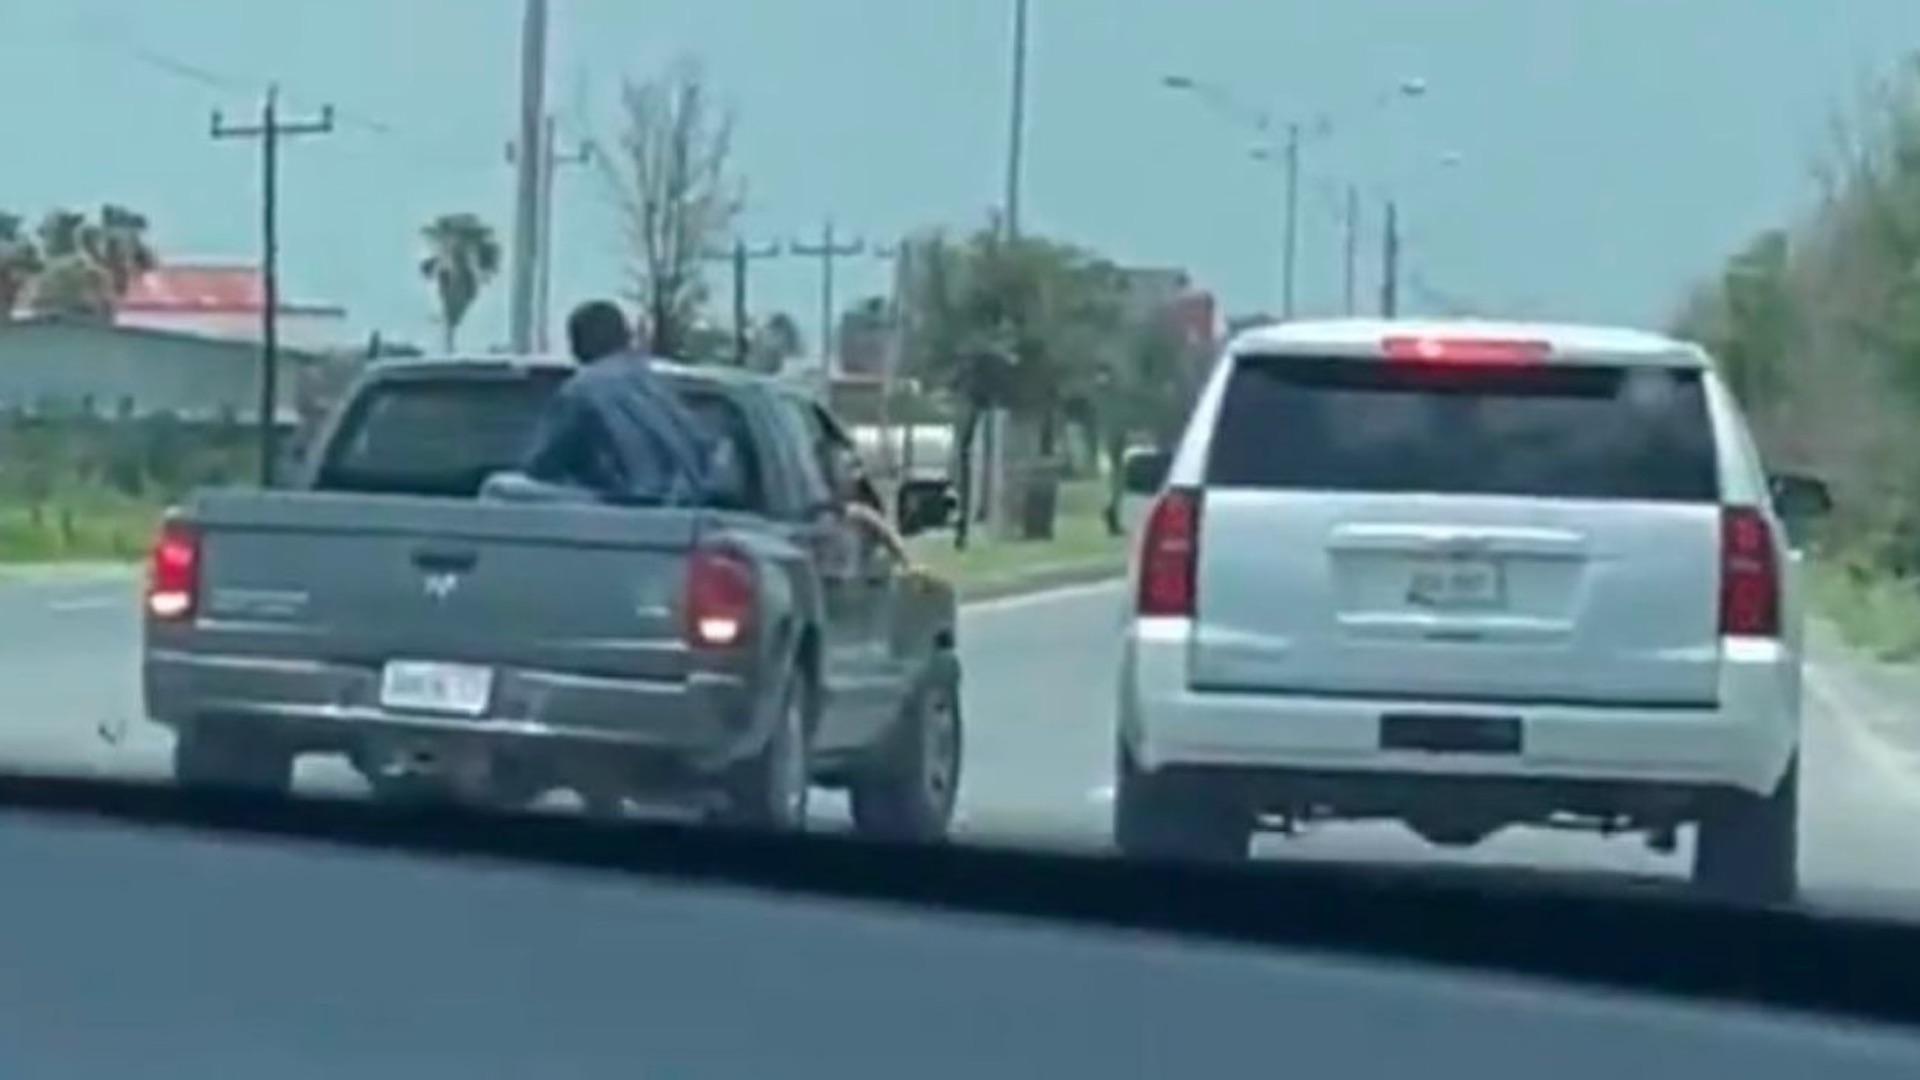 Presuntos agresores de Mario Delgado no portaban armas, confirma Gobierno de Tamaulipas. Foto tomada de video